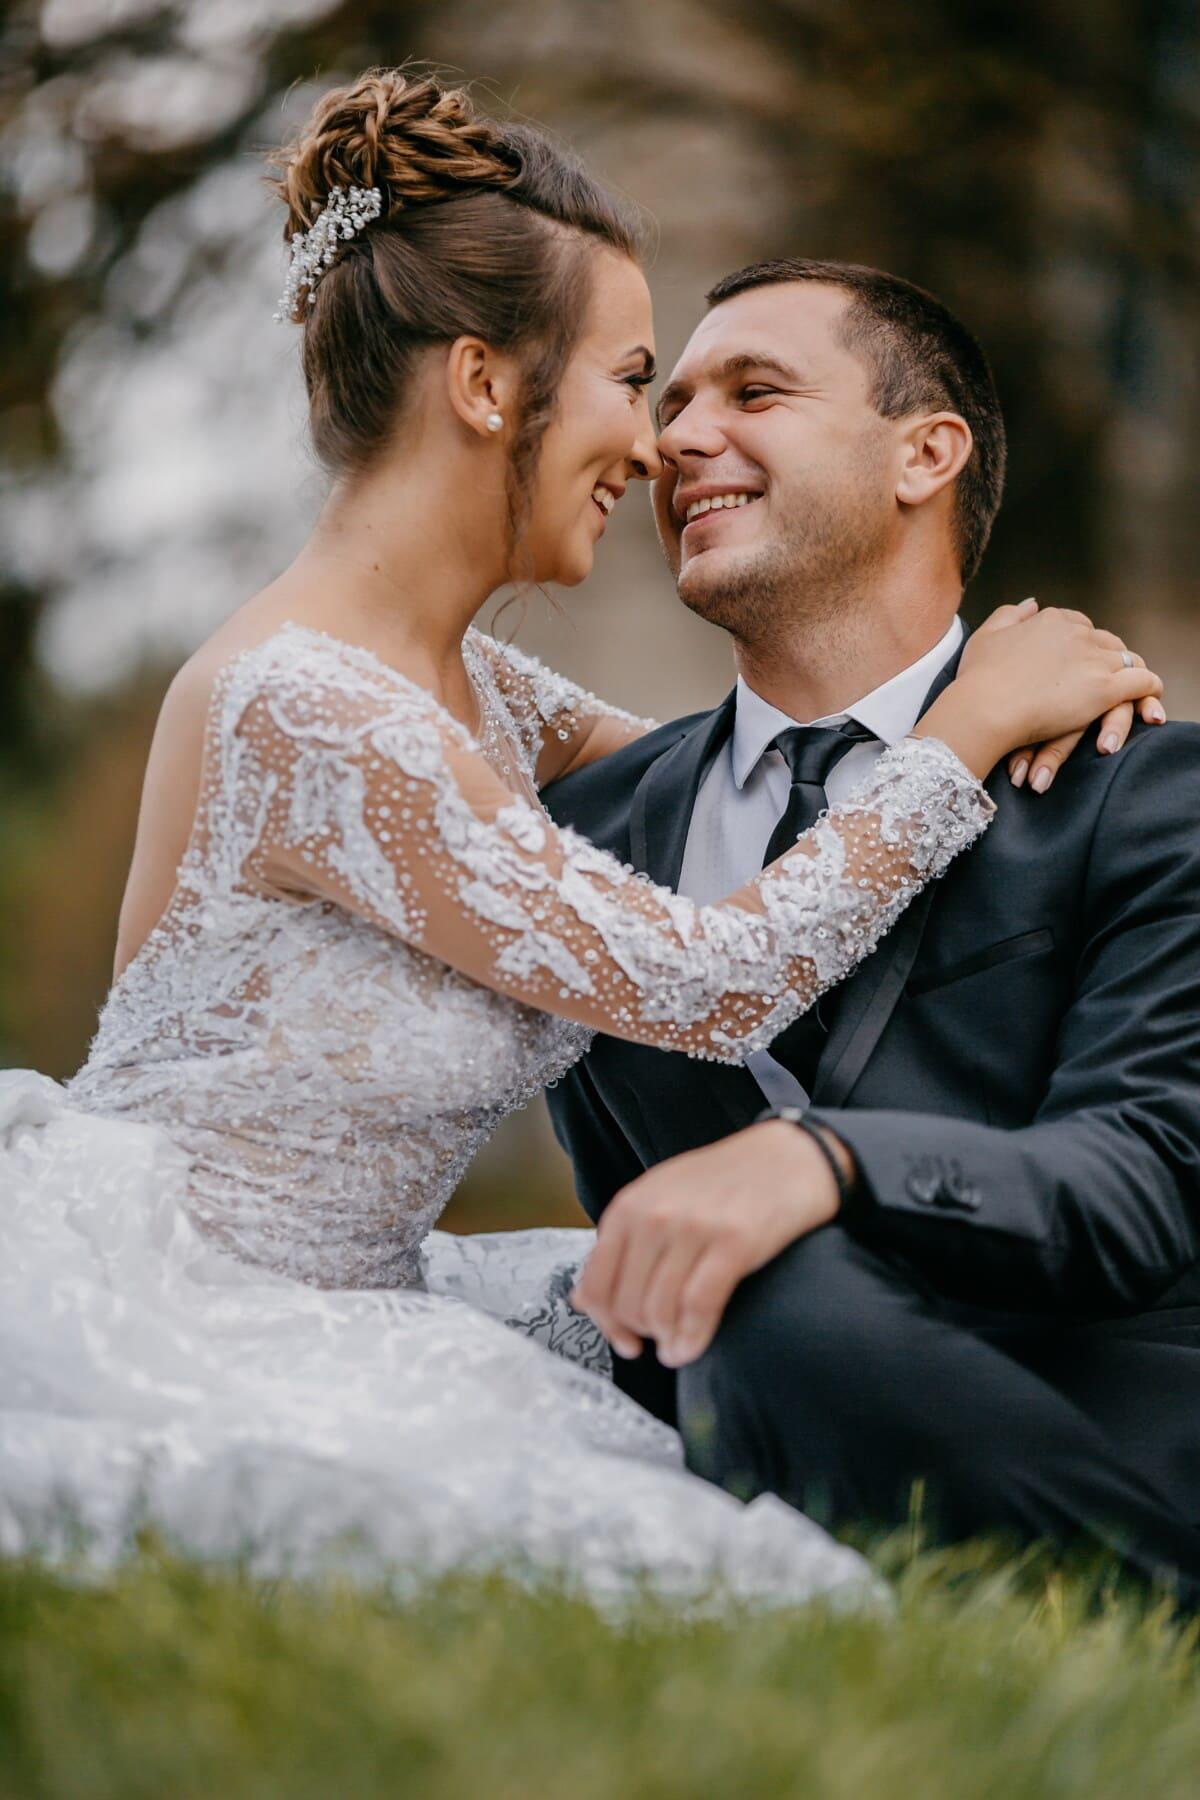 étreindre, jeunes mariés, baiser, pelouse, assis, amour, jeune marié, homme, la mariée, couple